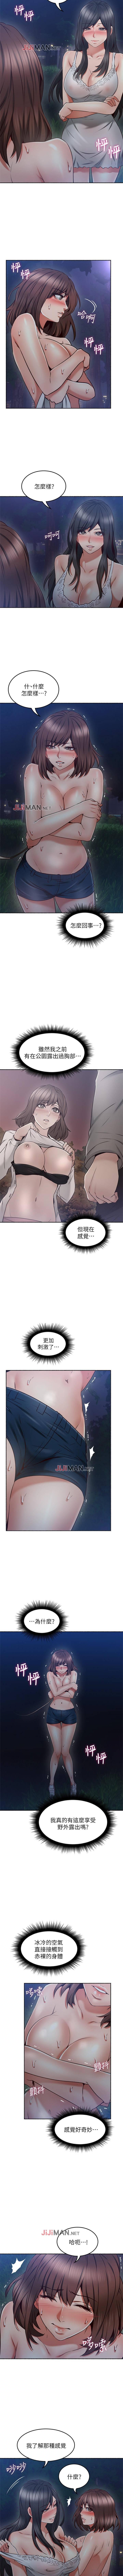 【周六更新】邻居人妻(作者:李周元 & 頸枕) 第1~50话 311